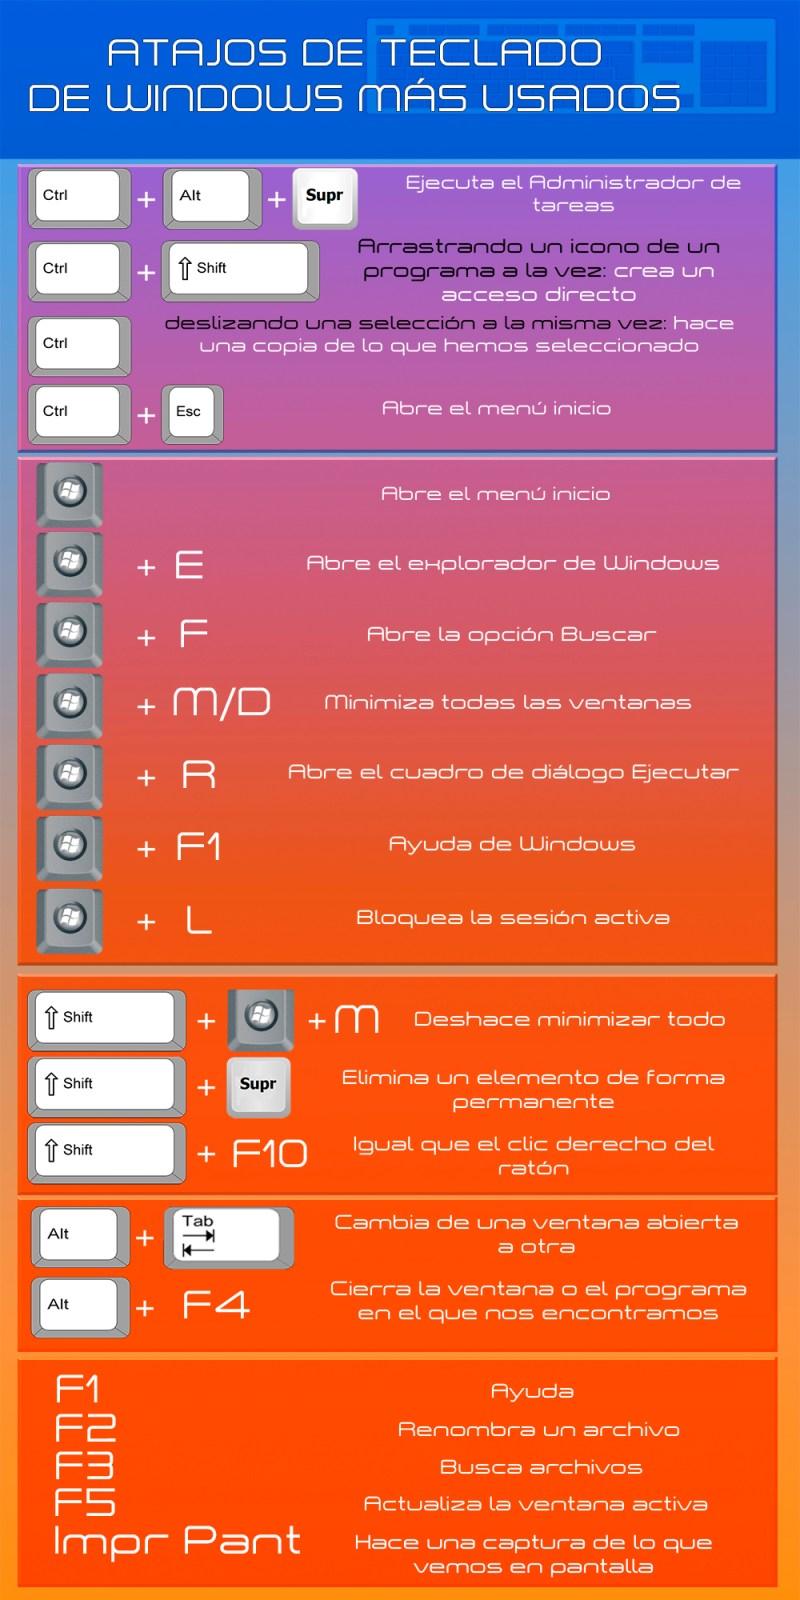 infografía atajos de teclado de windows